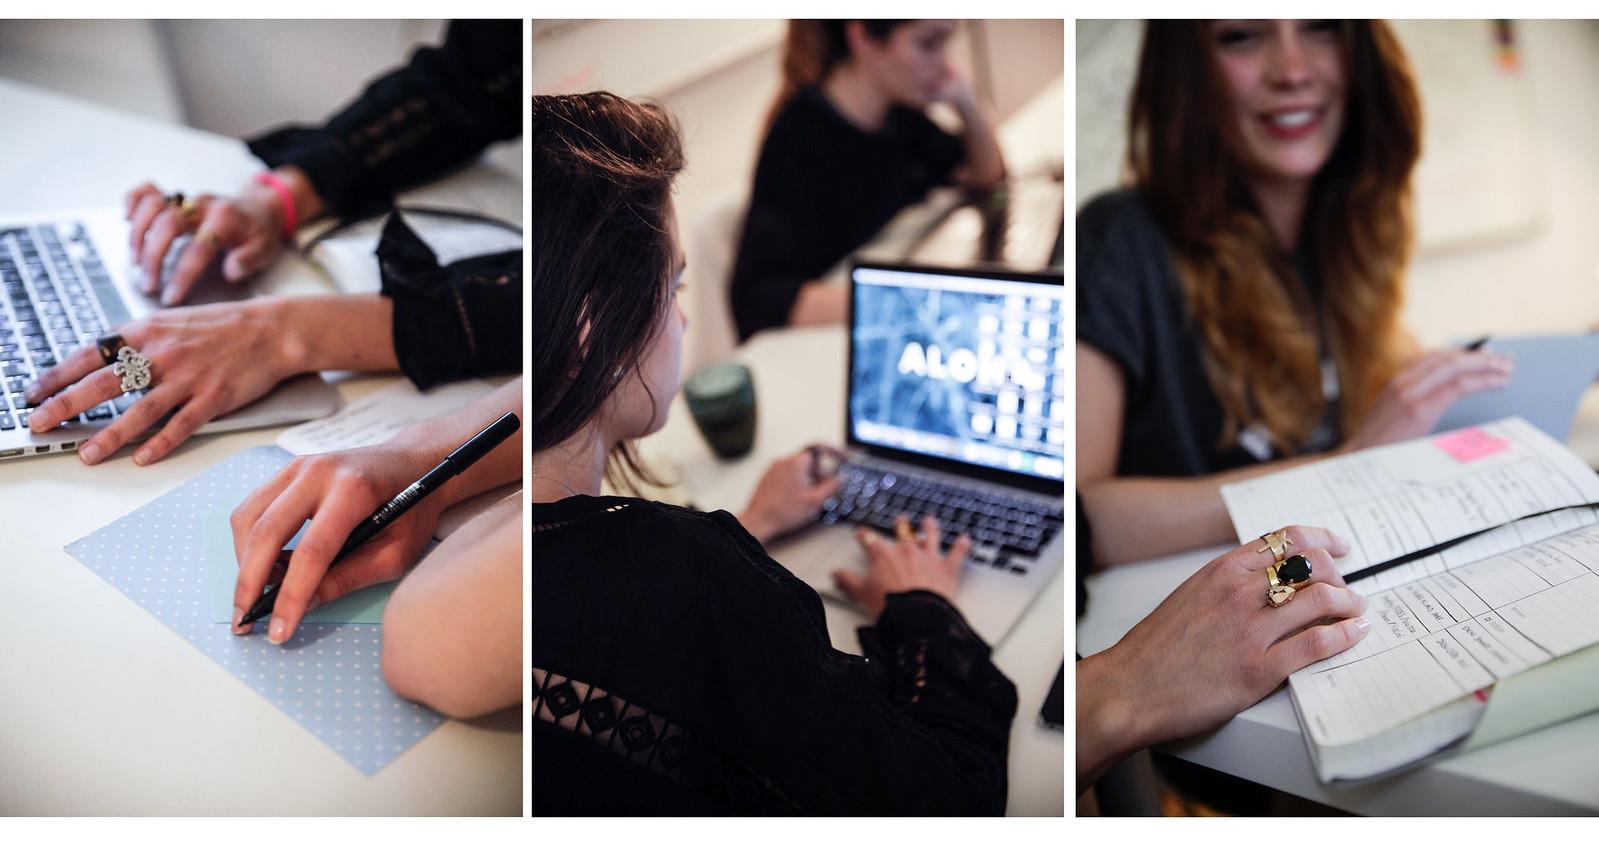 05_Job_Today_APP_encontrar_trabajo_influencer_trabajar_con_influencer_blogger_barclona_andrea_antolin_diseñadora_yo_dona_theguestgirl_laura_santolaria